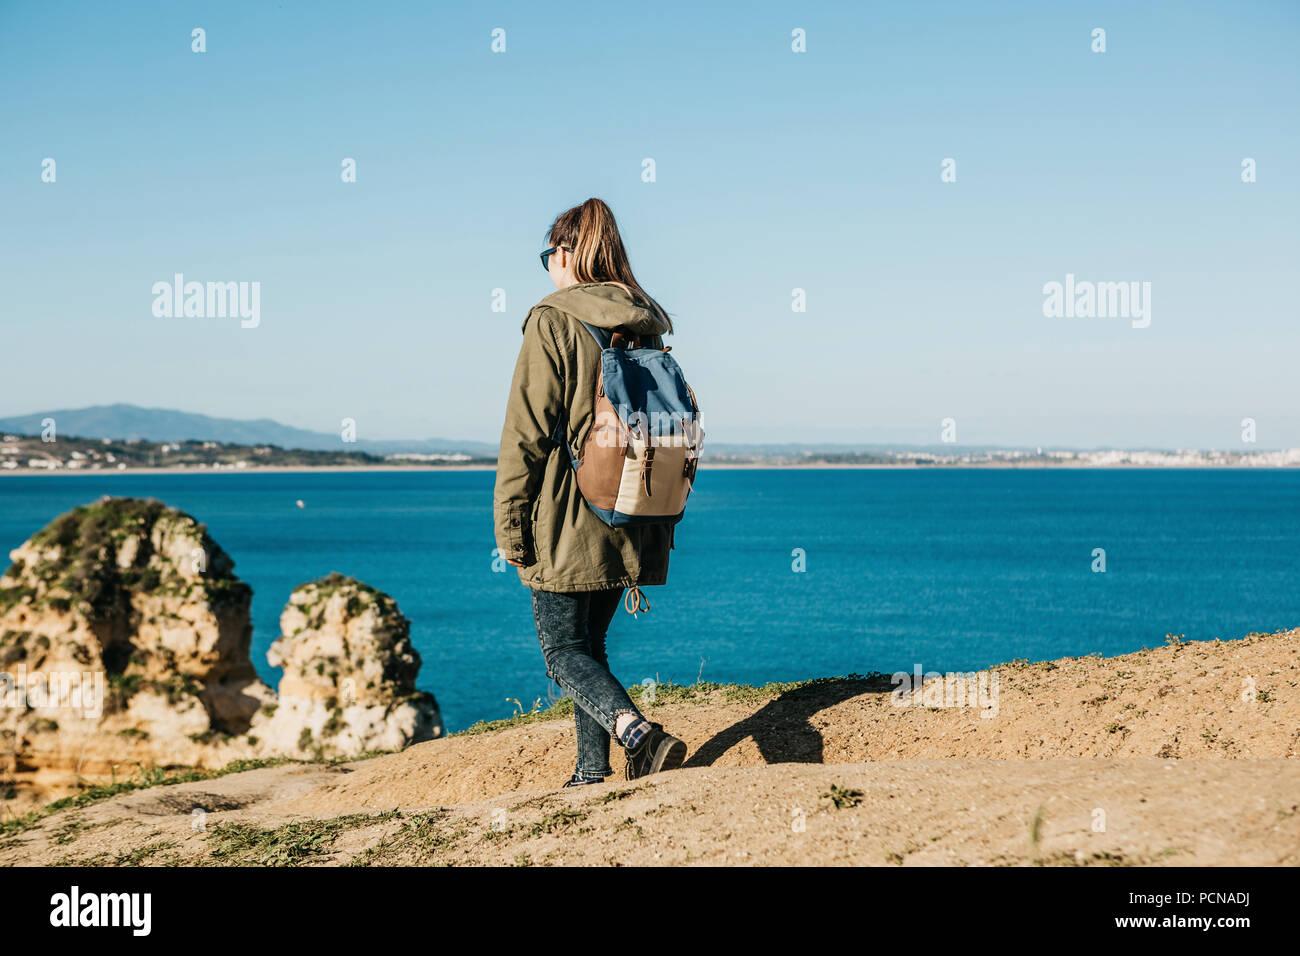 Ein Mädchen Touristen oder Reisende mit einem Rucksack Spaziergänge entlang der felsigen Küste und bewundert den schönen Blick auf den Atlantik in Portugal Stockbild